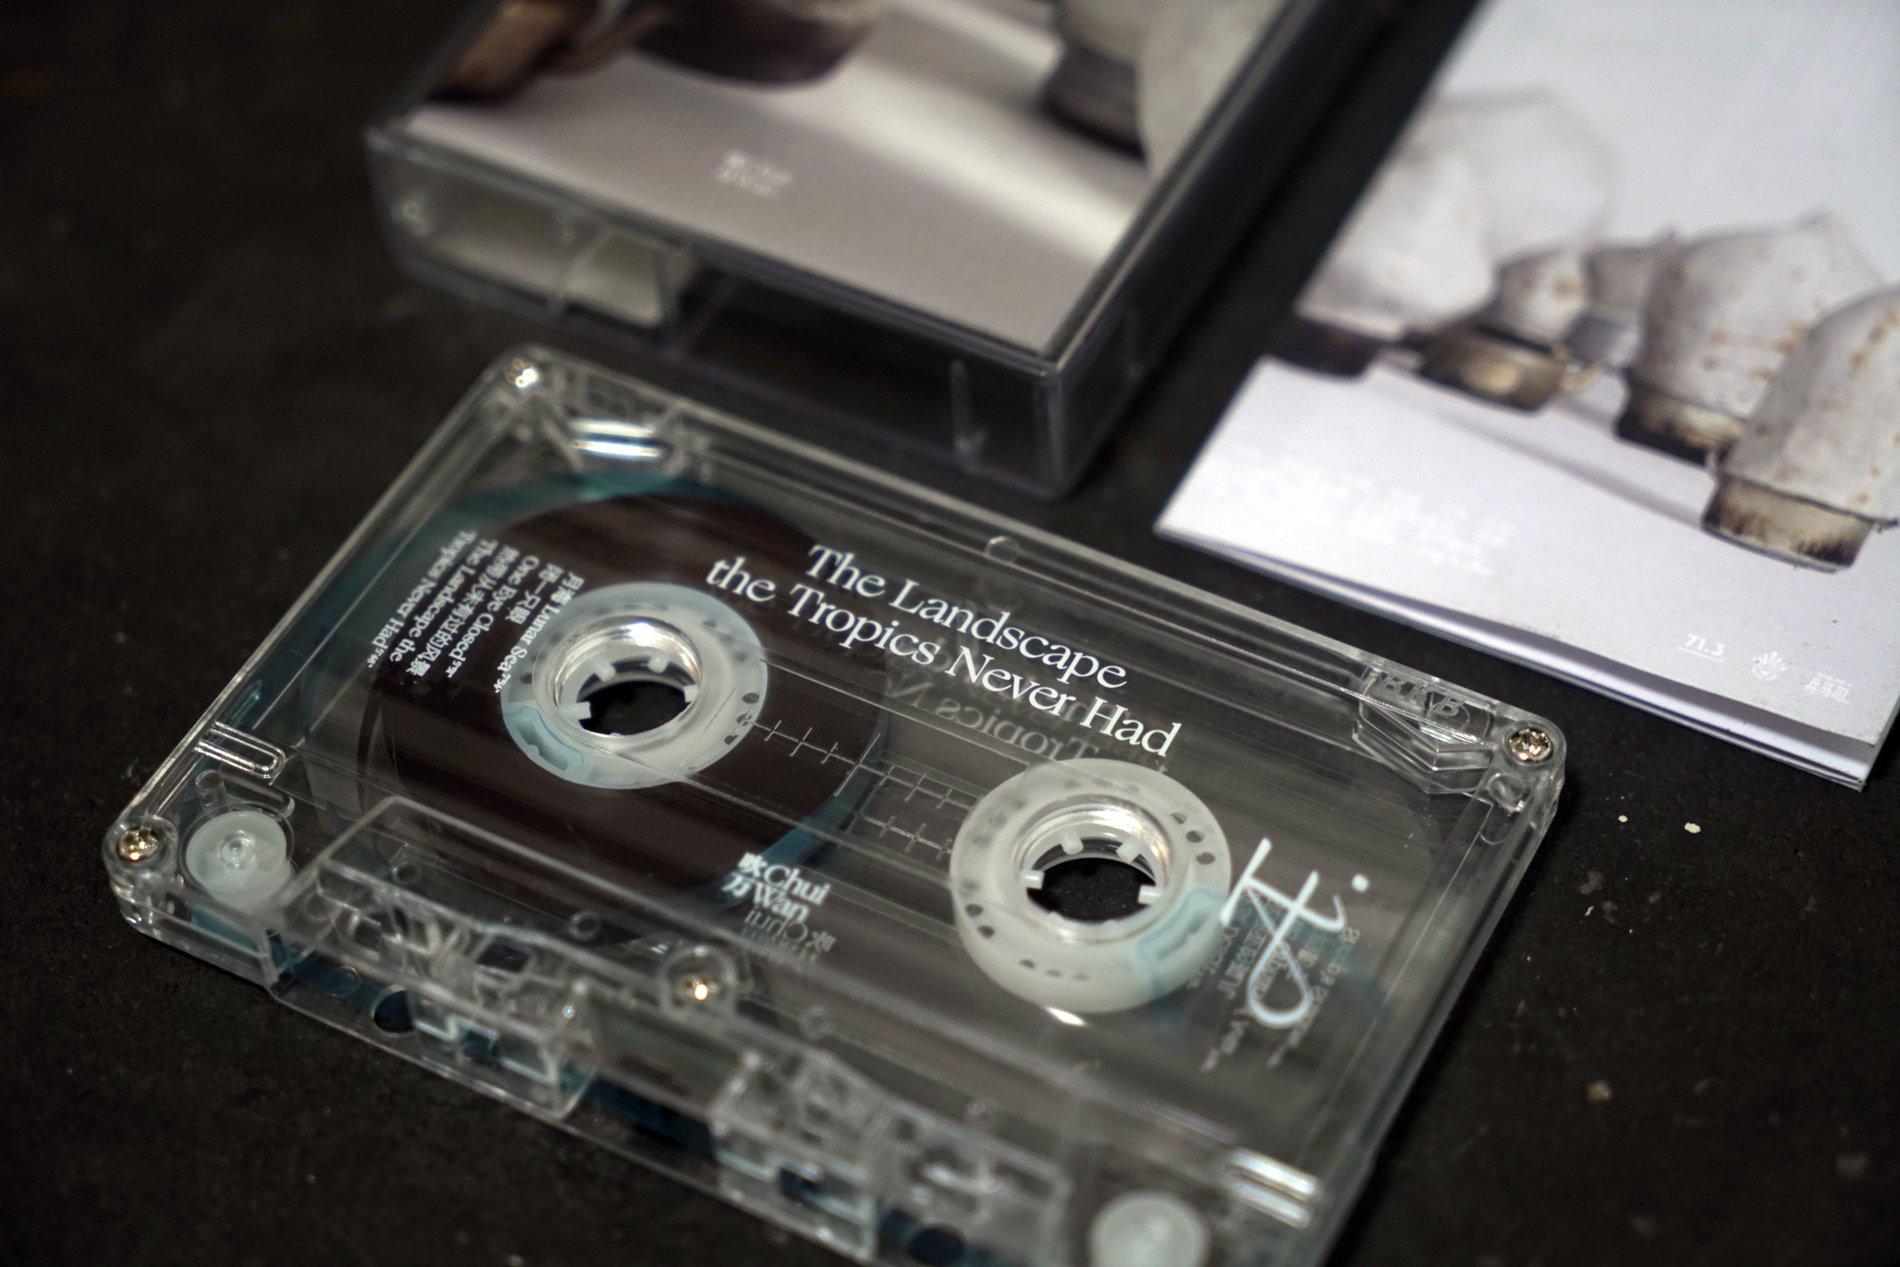 Ogg-Chuiwan-Cassette-2.jpeg